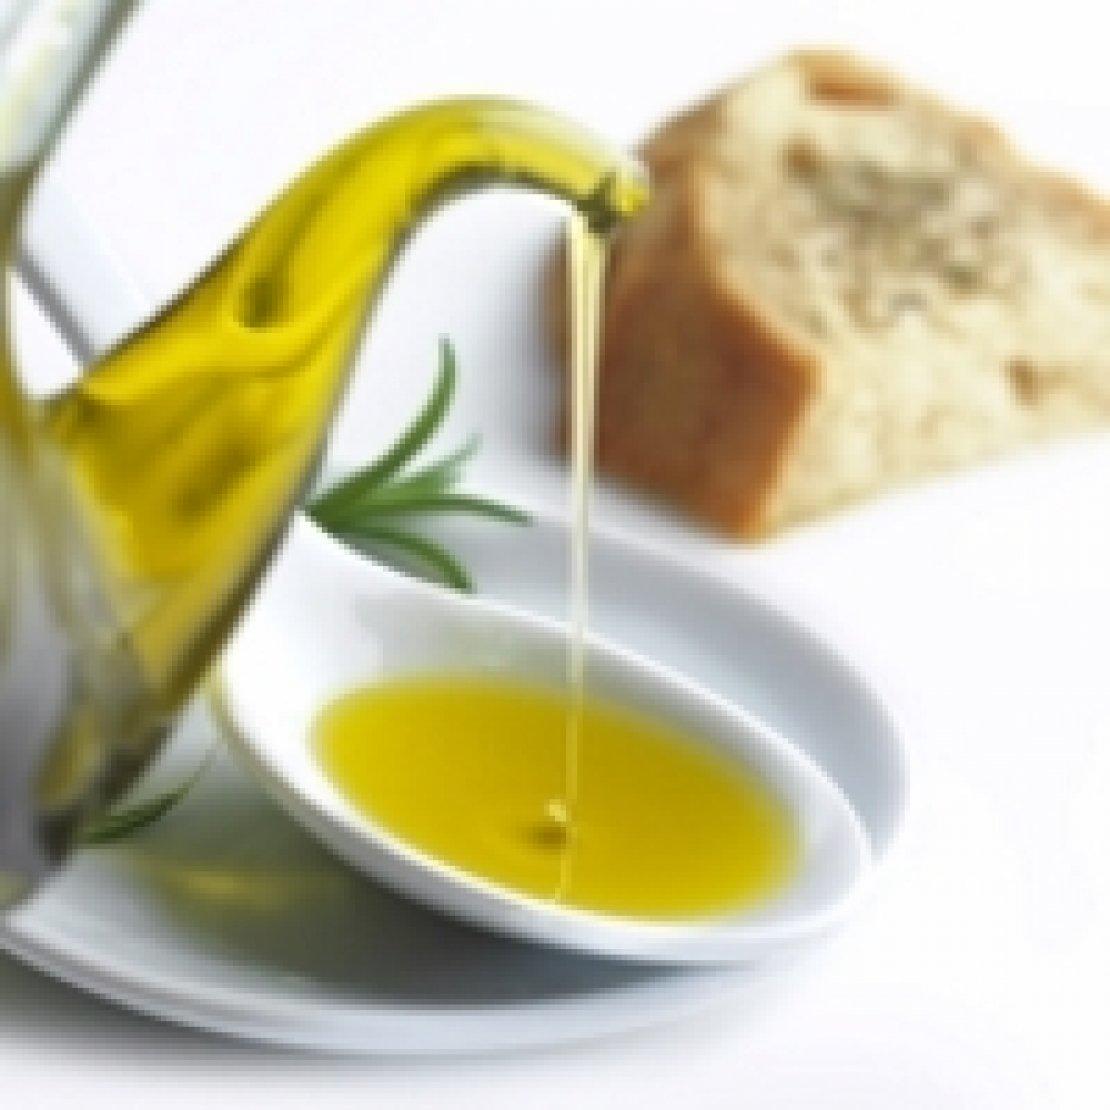 Tutti i grassi nocivi per il cancro alla prostata, tranne l'olio d'oliva